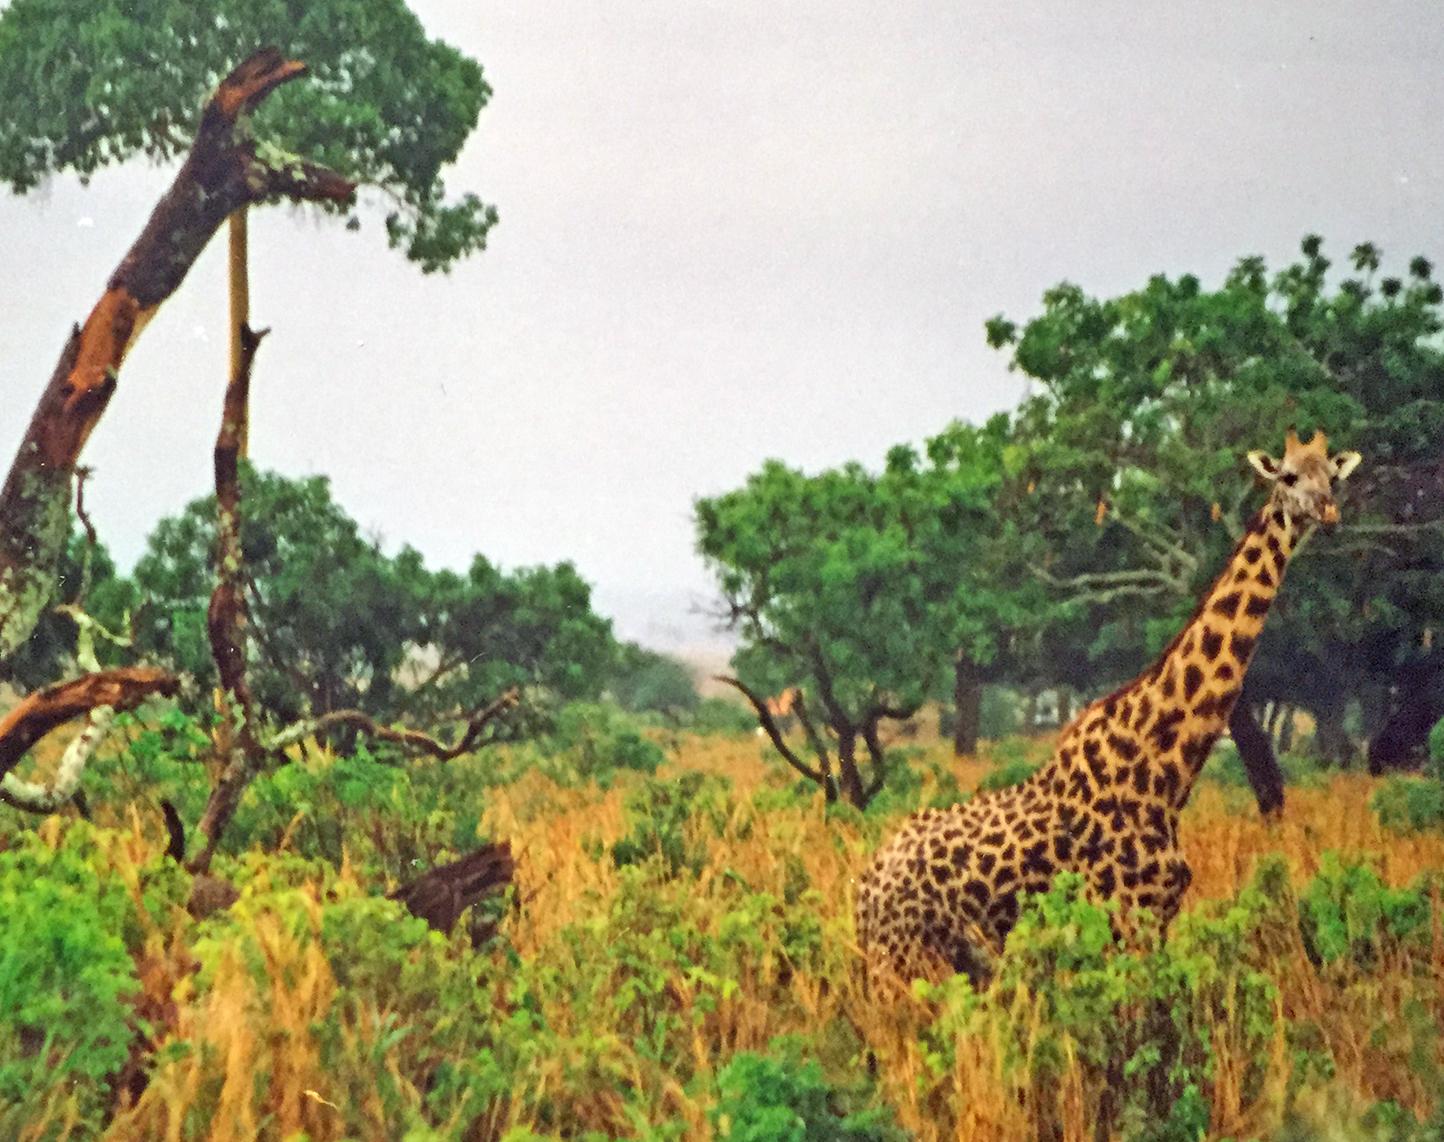 Giraffene er større enn jeg jeg hadde forestilt meg. Denne er godt kamuflert av landskapet ved Manyarasjøen. Foto: Linn Krogh Hansen.